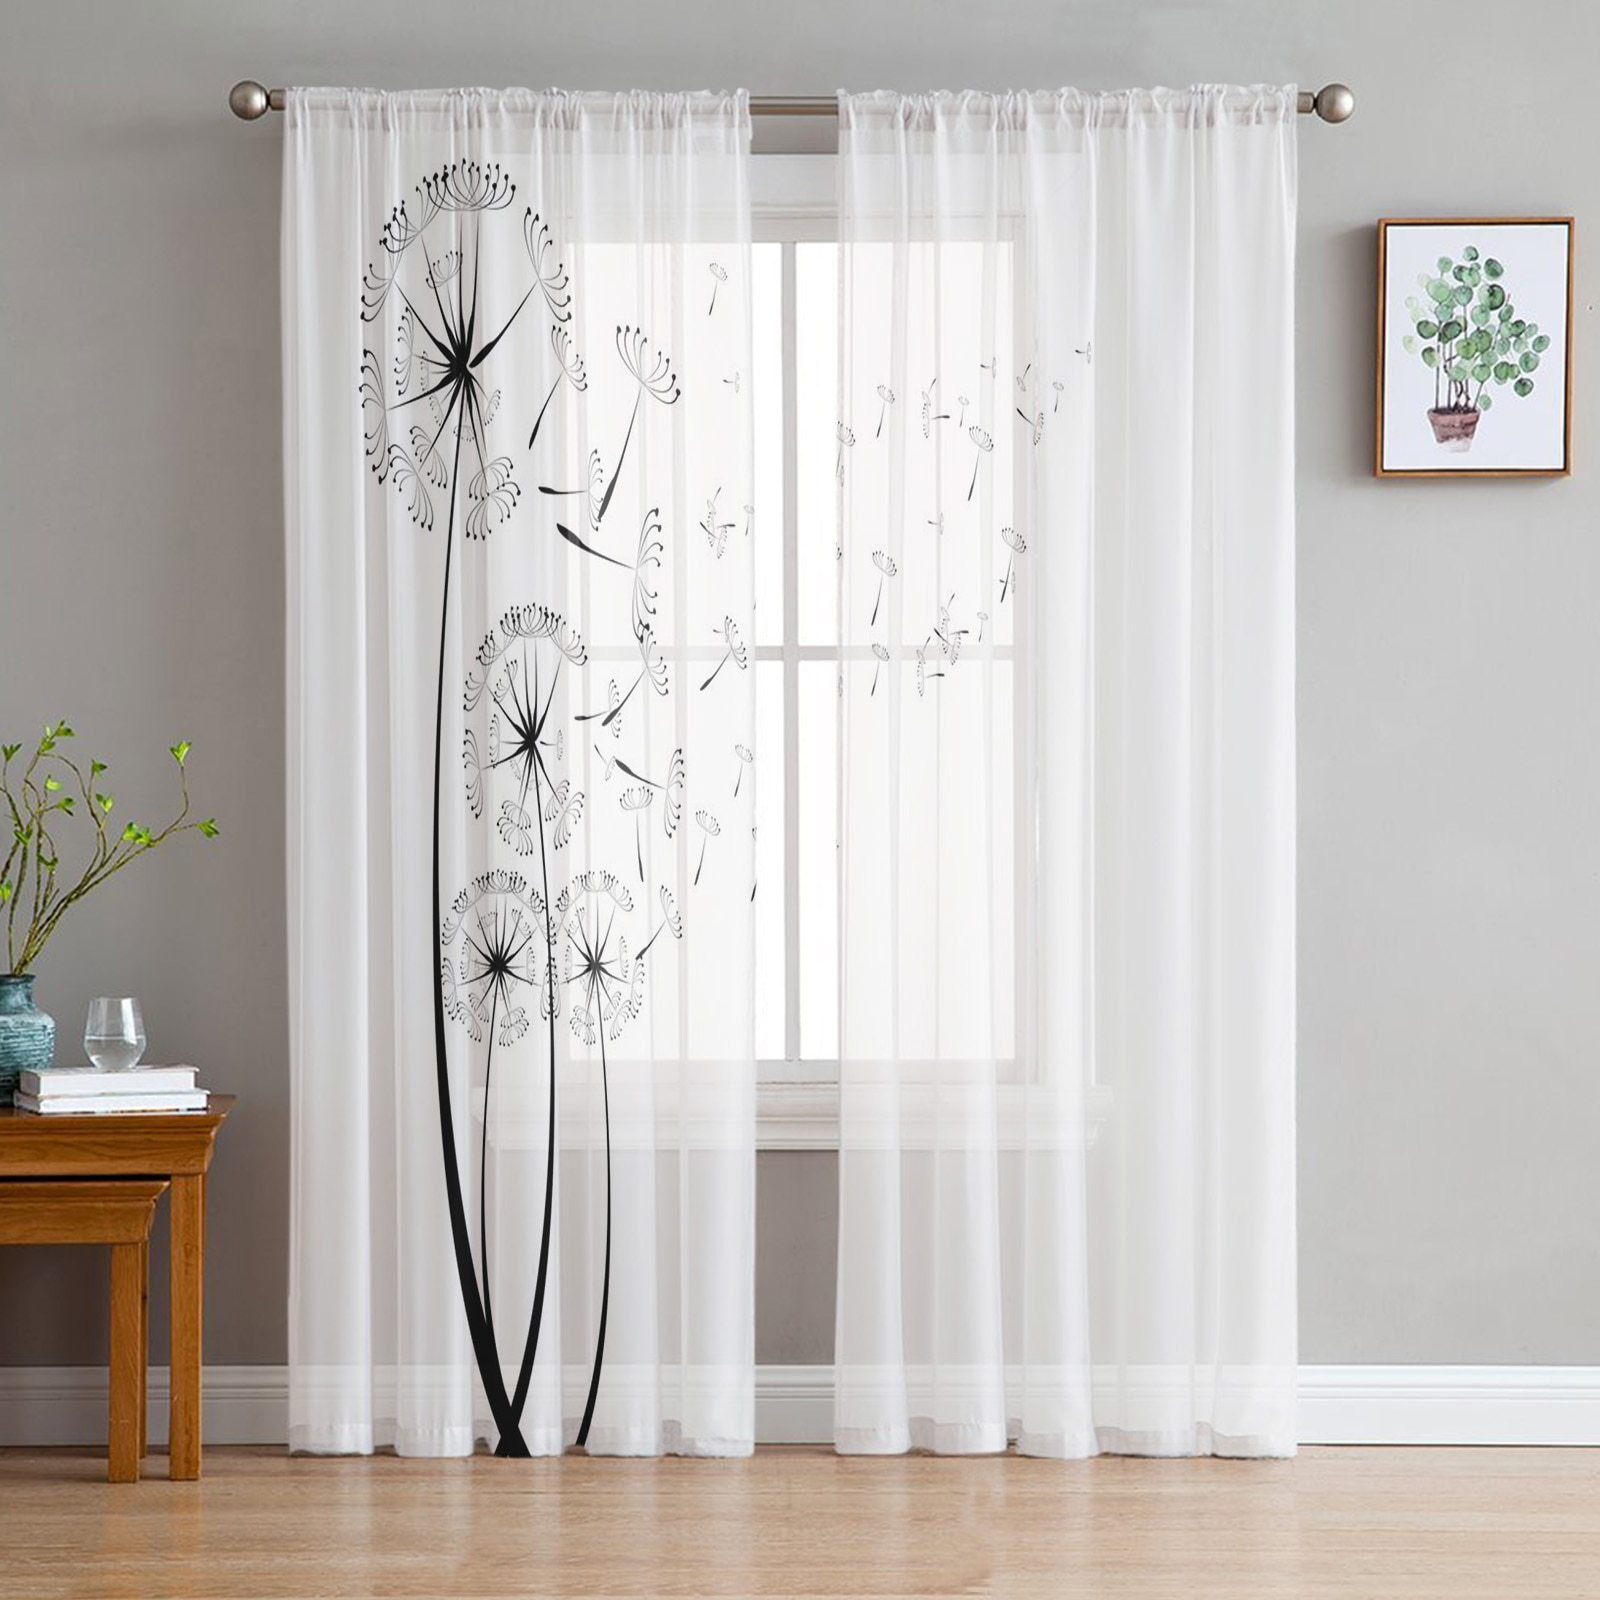 Одуванчик, цветок, растительный парик, прозрачная занавеска для гостиной, спальни, кухни, Современная Тюлевая оконная обработка, домашний декор